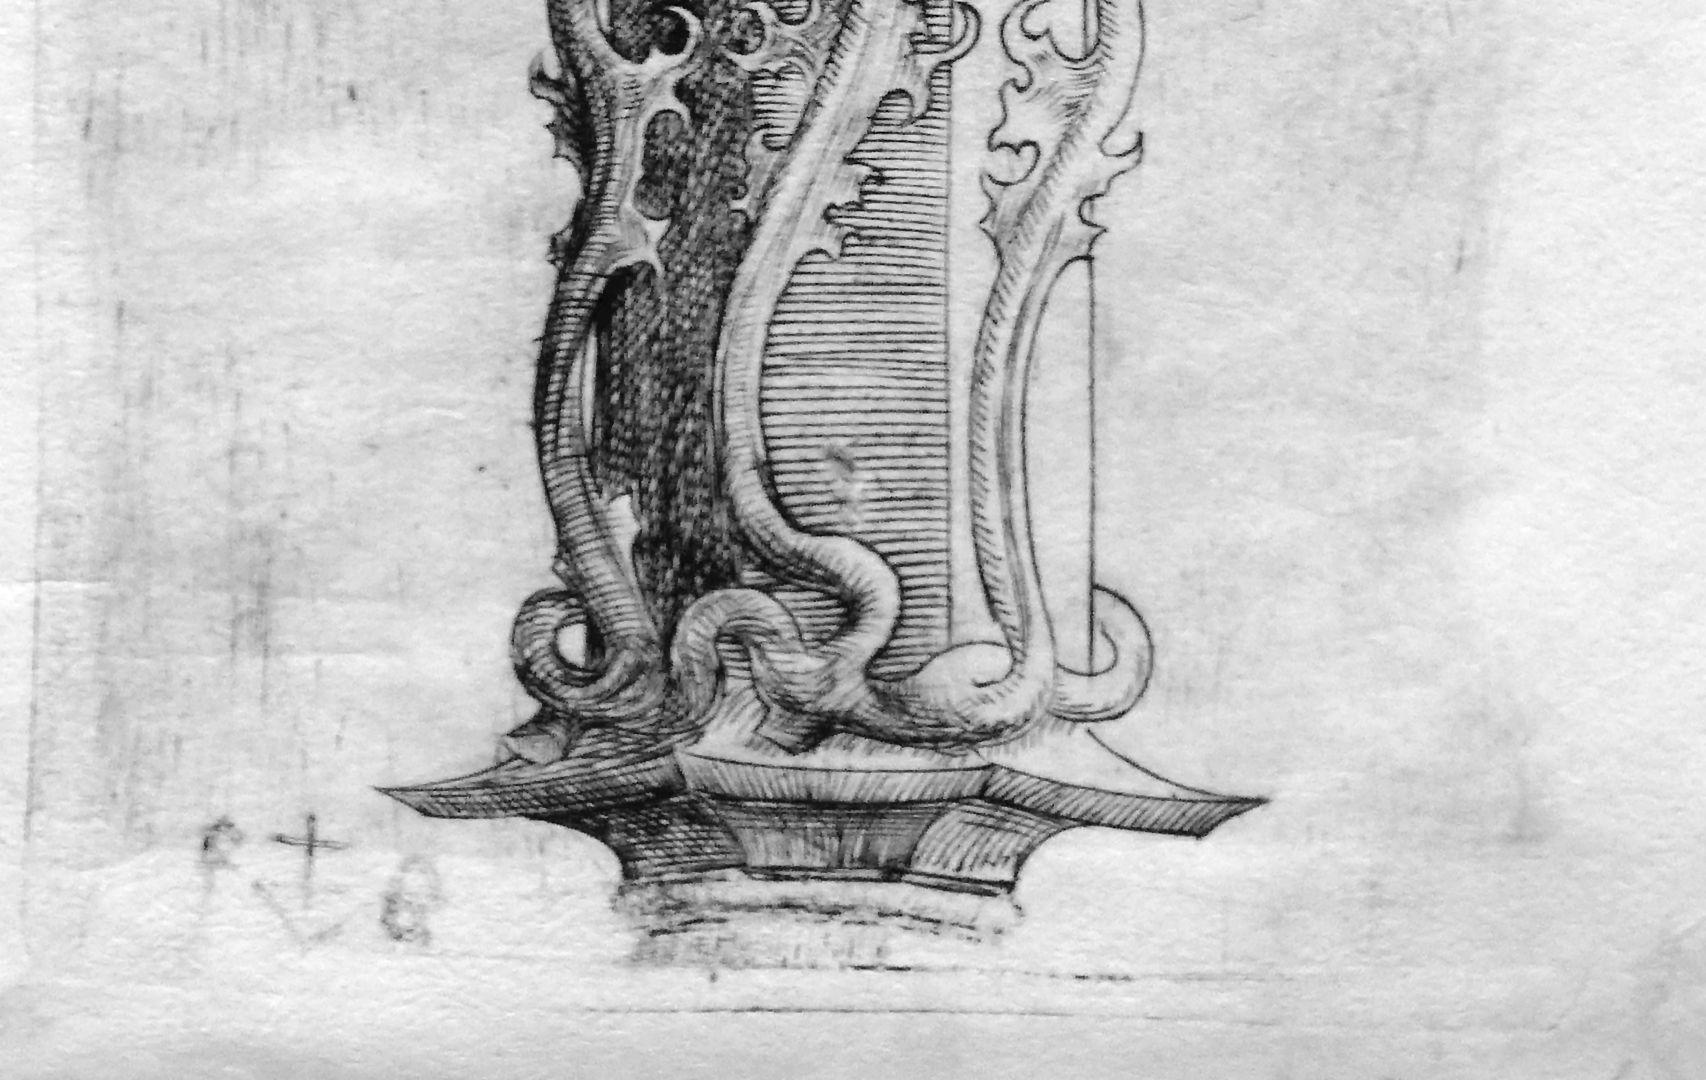 Spätgotische Konsole Untere Bildhälfte mit Künstlersignatur